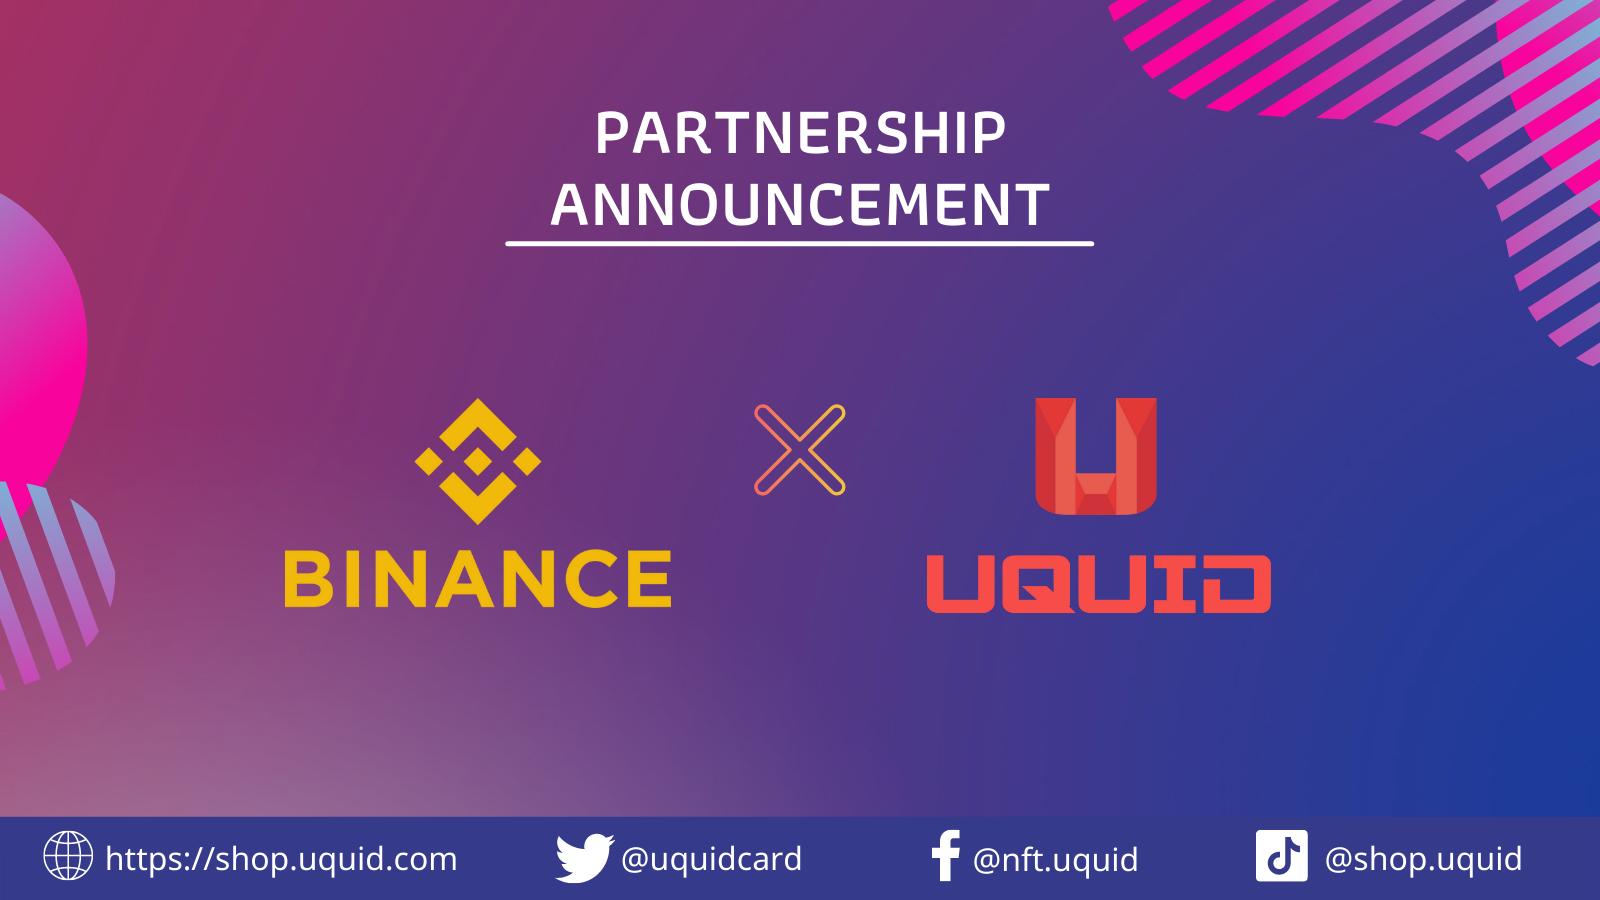 Uquid hợp tác cùng Binance để gia tăng khả năng thanh toán và mua sắm phi tập trung